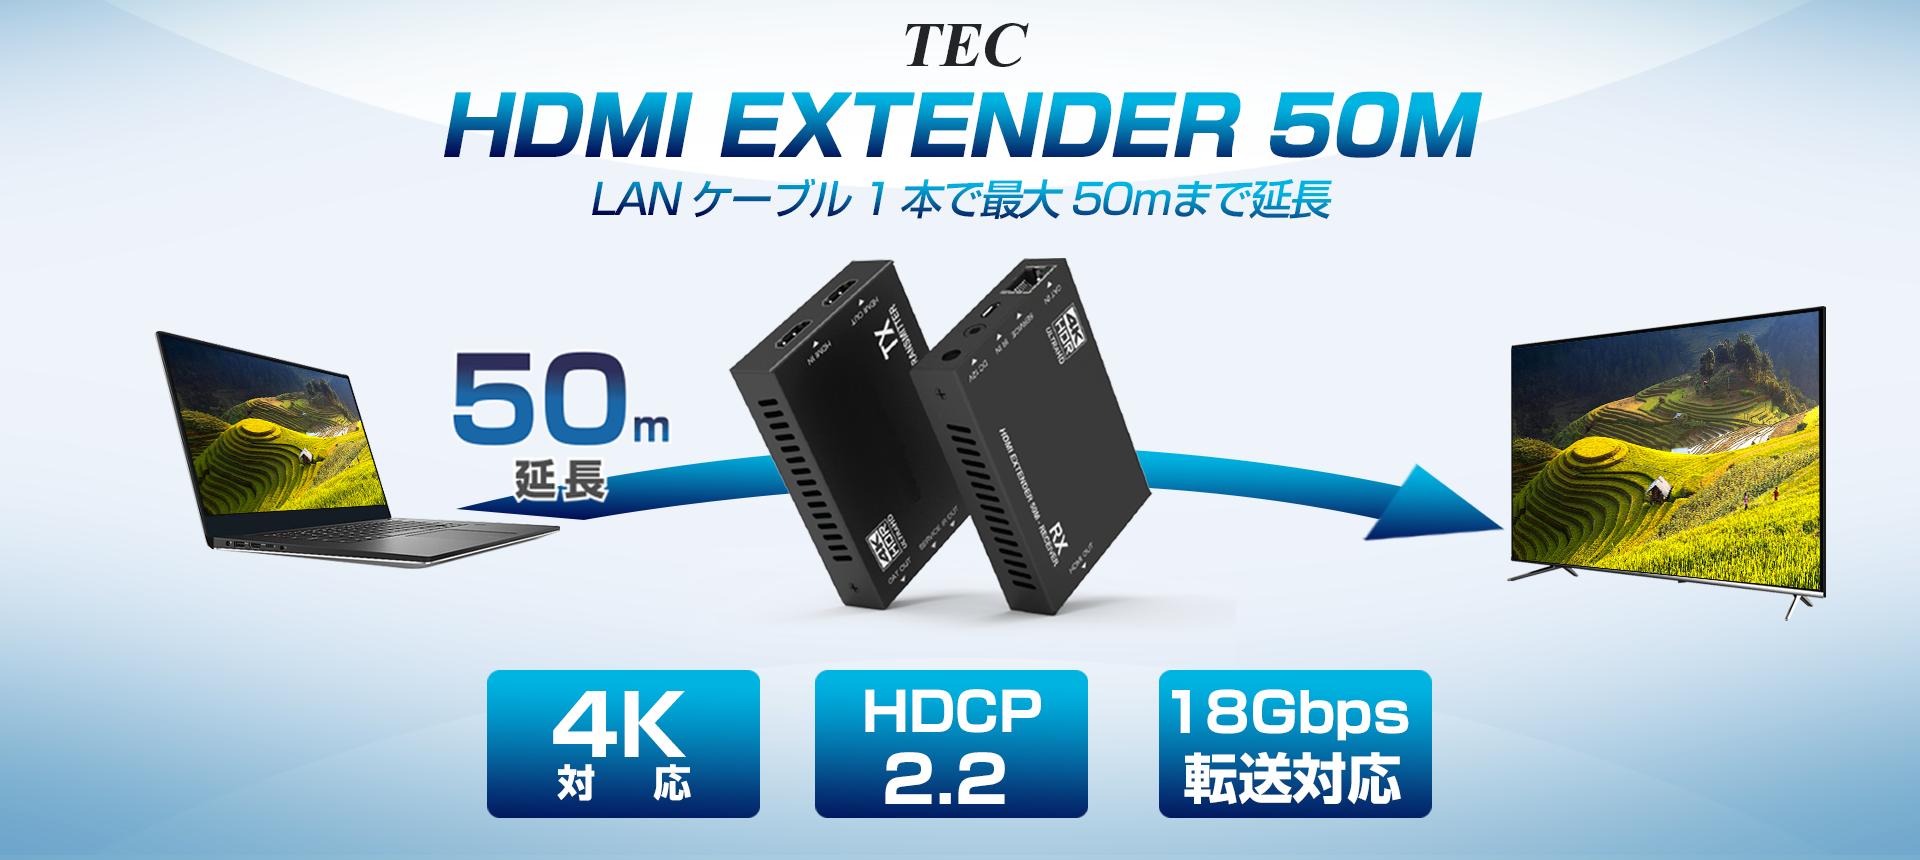 TEHDMIEX50-4K60